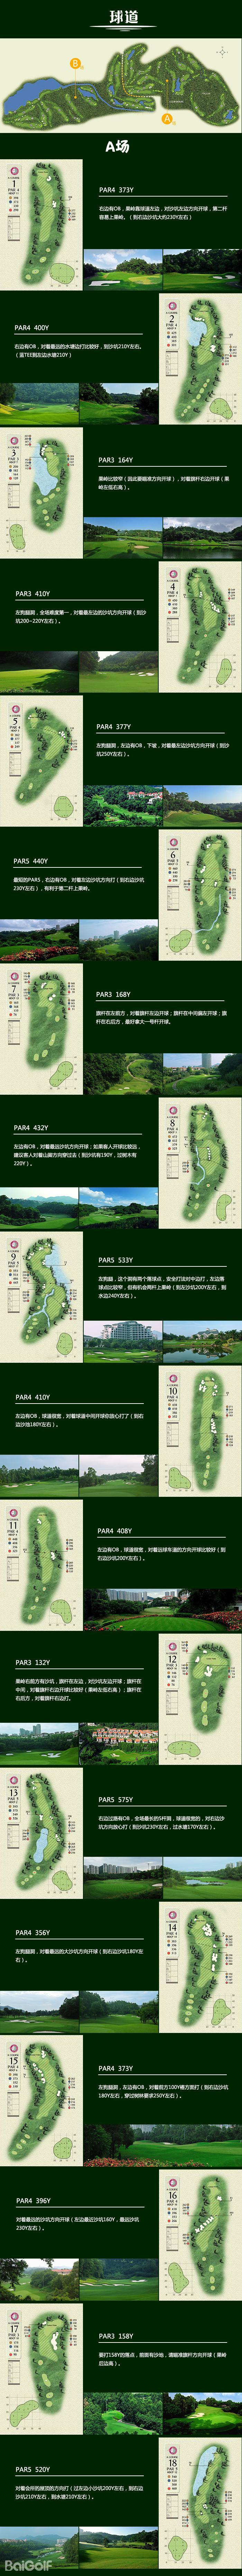 中山雅居乐长江高尔夫球场介绍